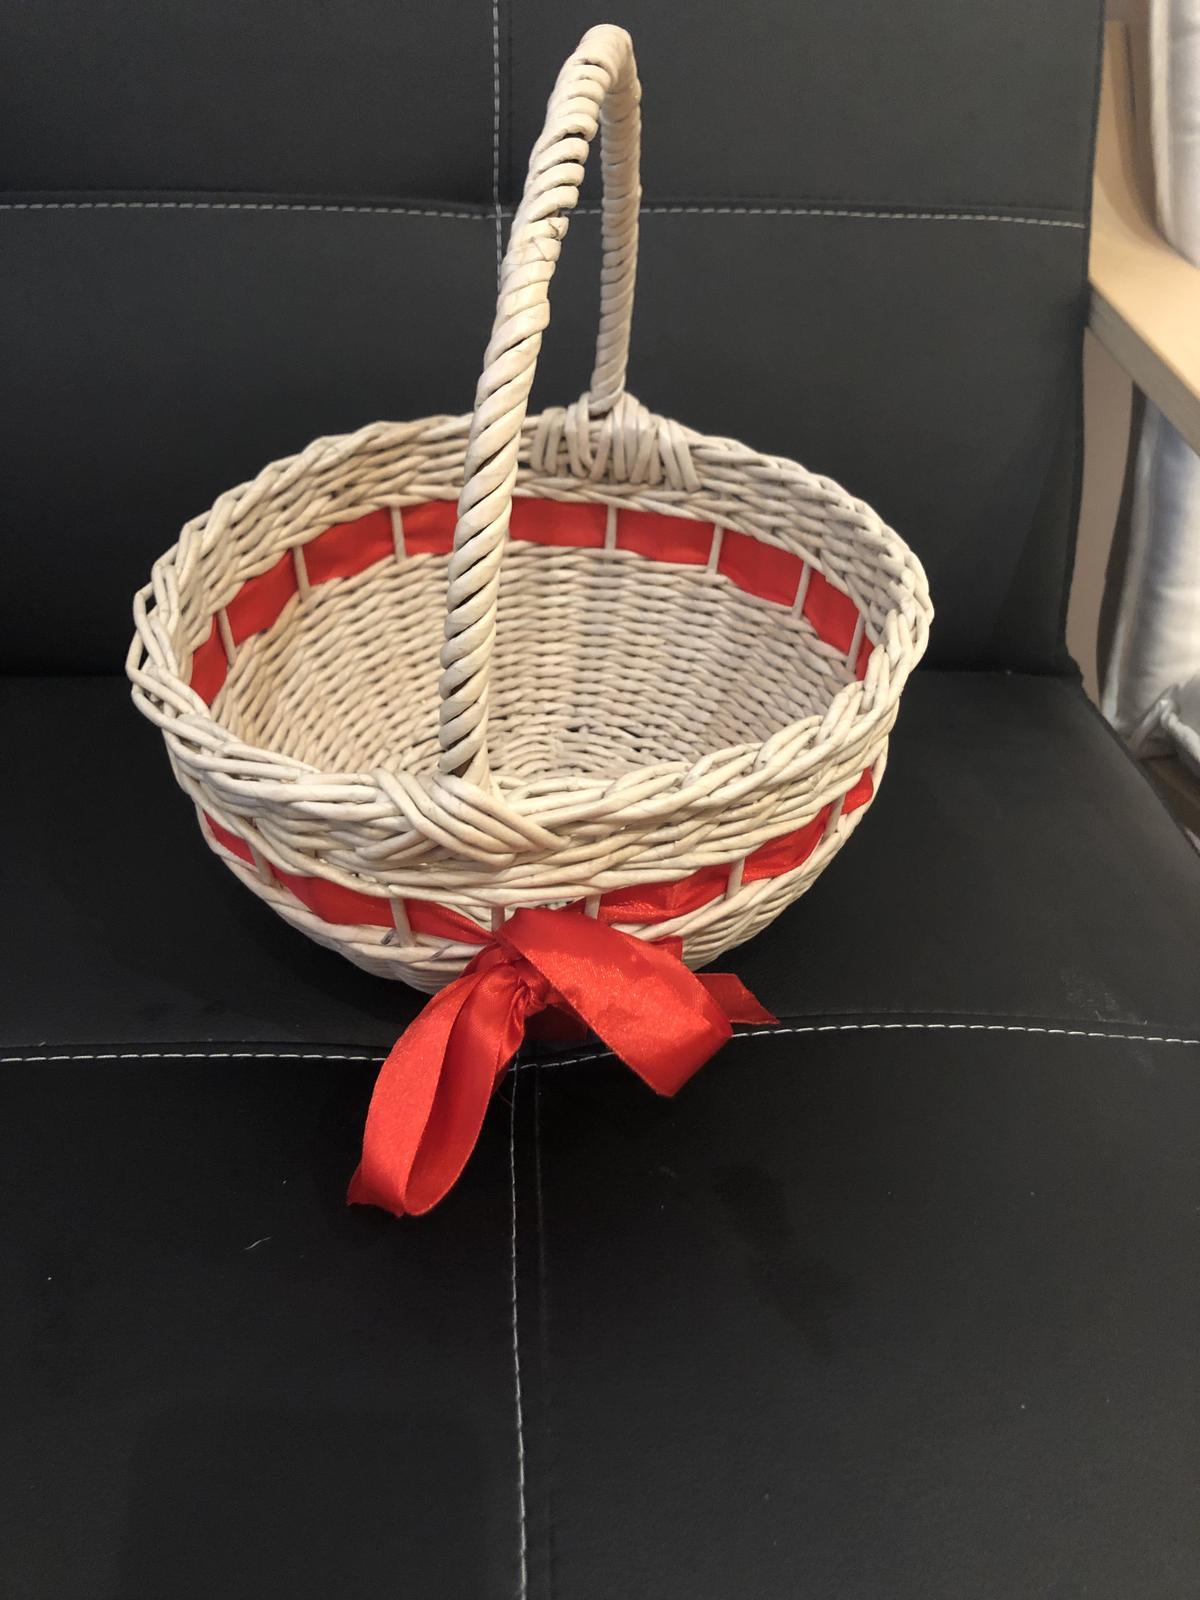 Košík na redovy (vykrucanku) - Obrázok č. 1